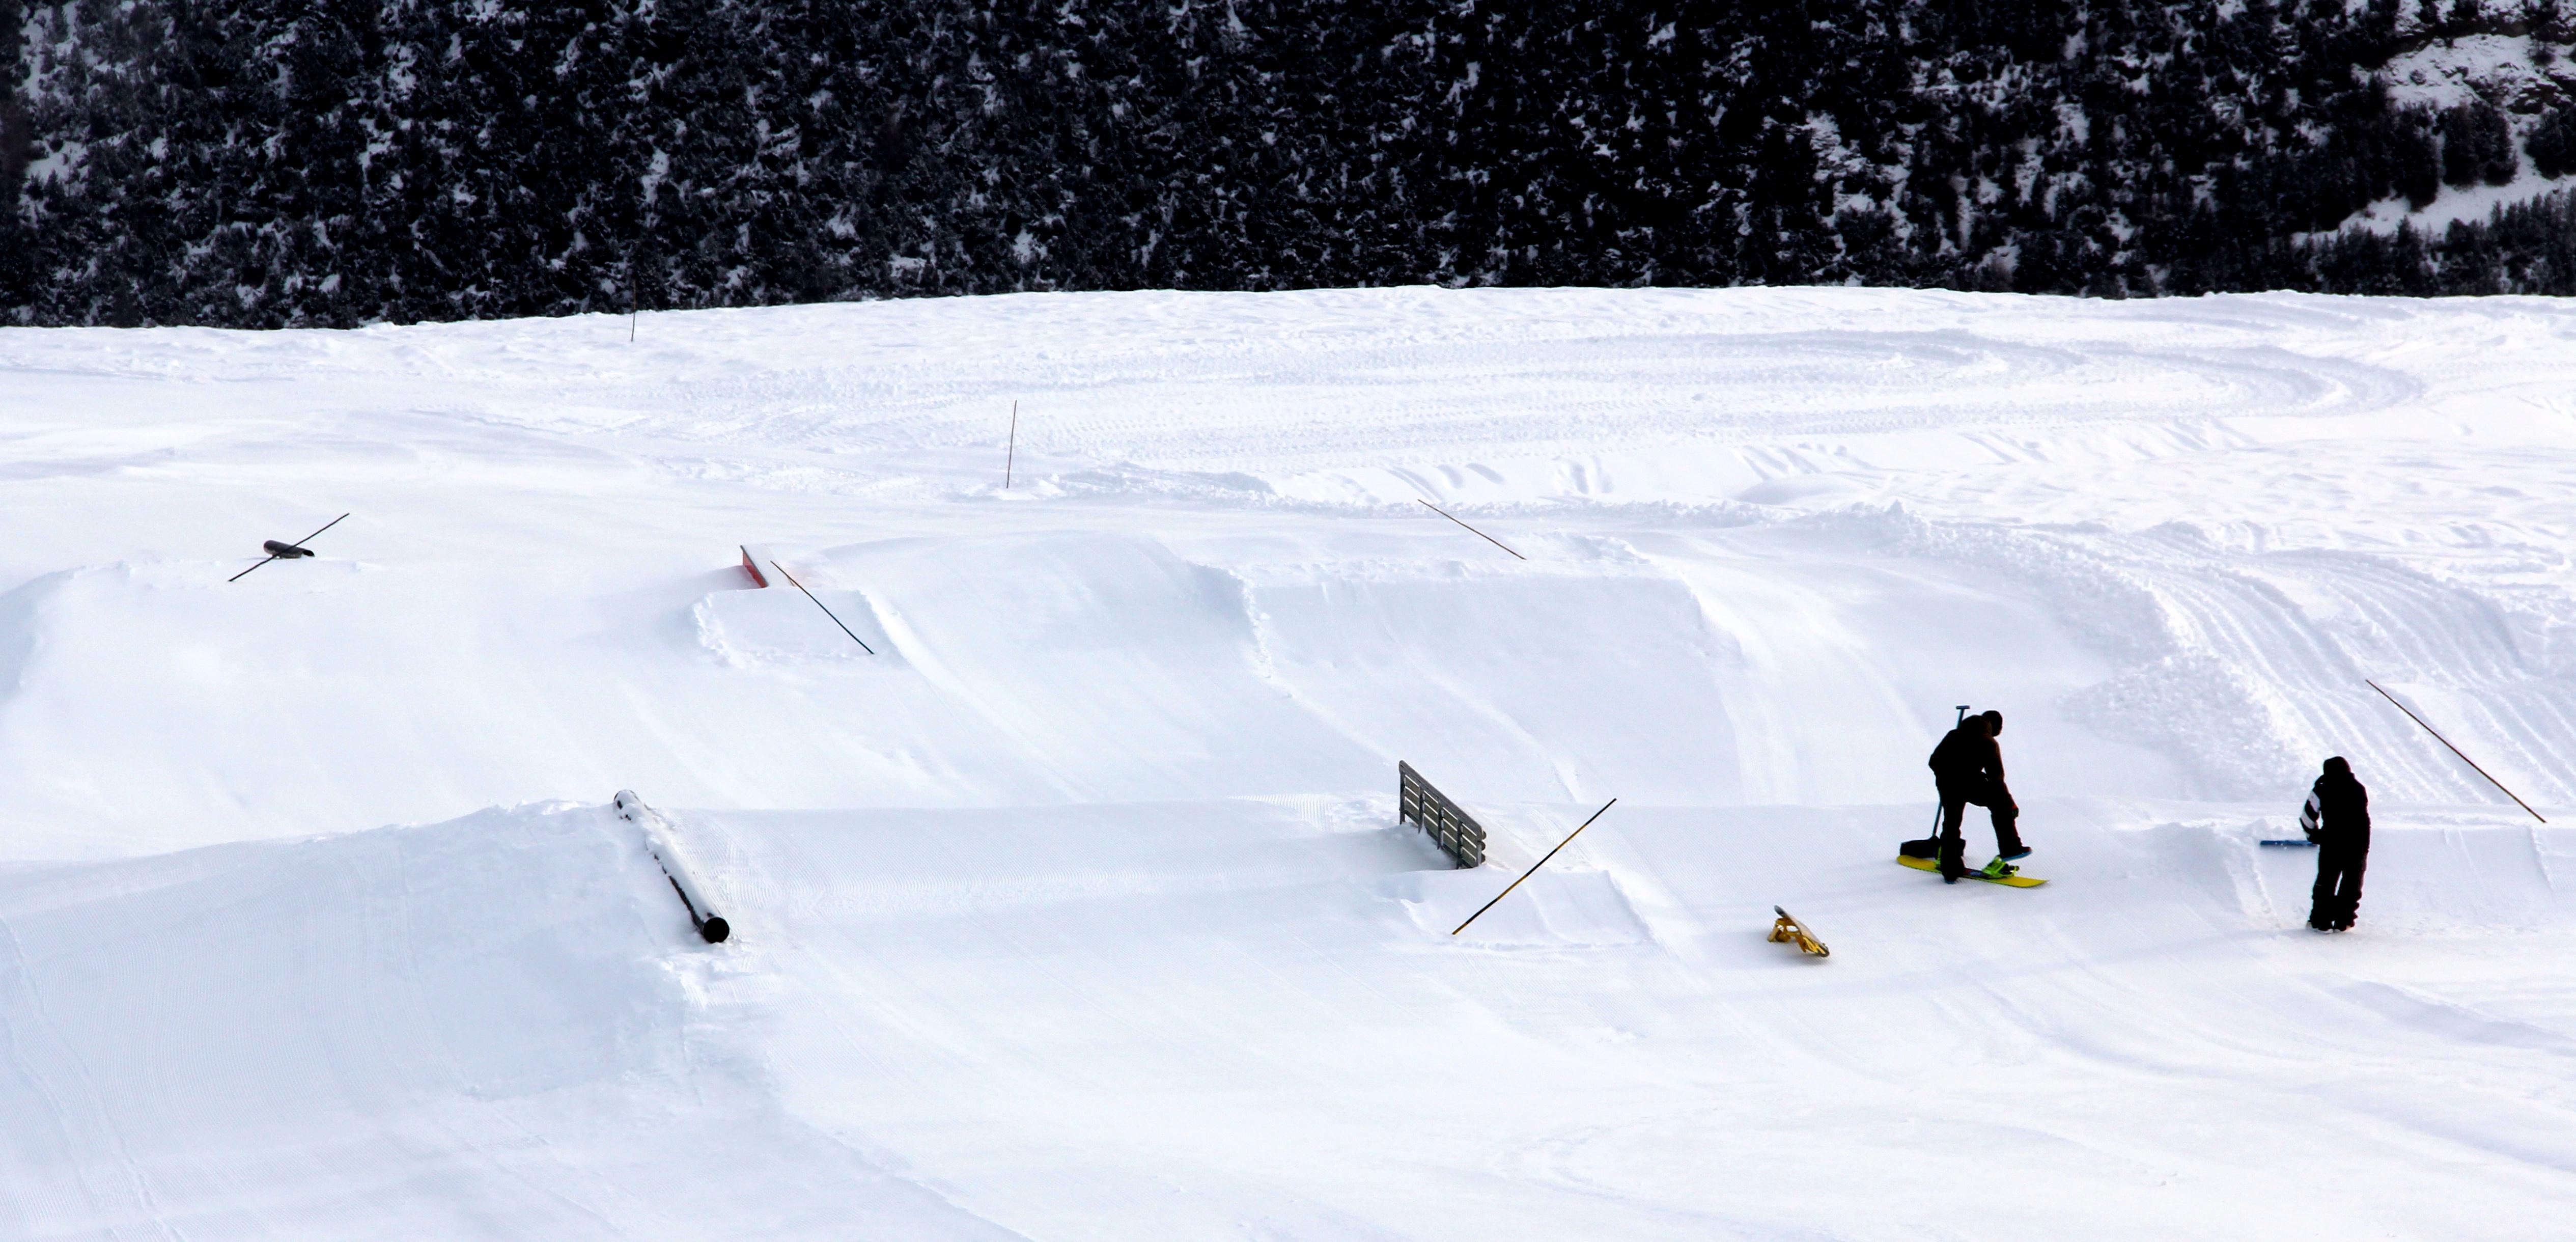 operatori che piallano la neve sulle piste